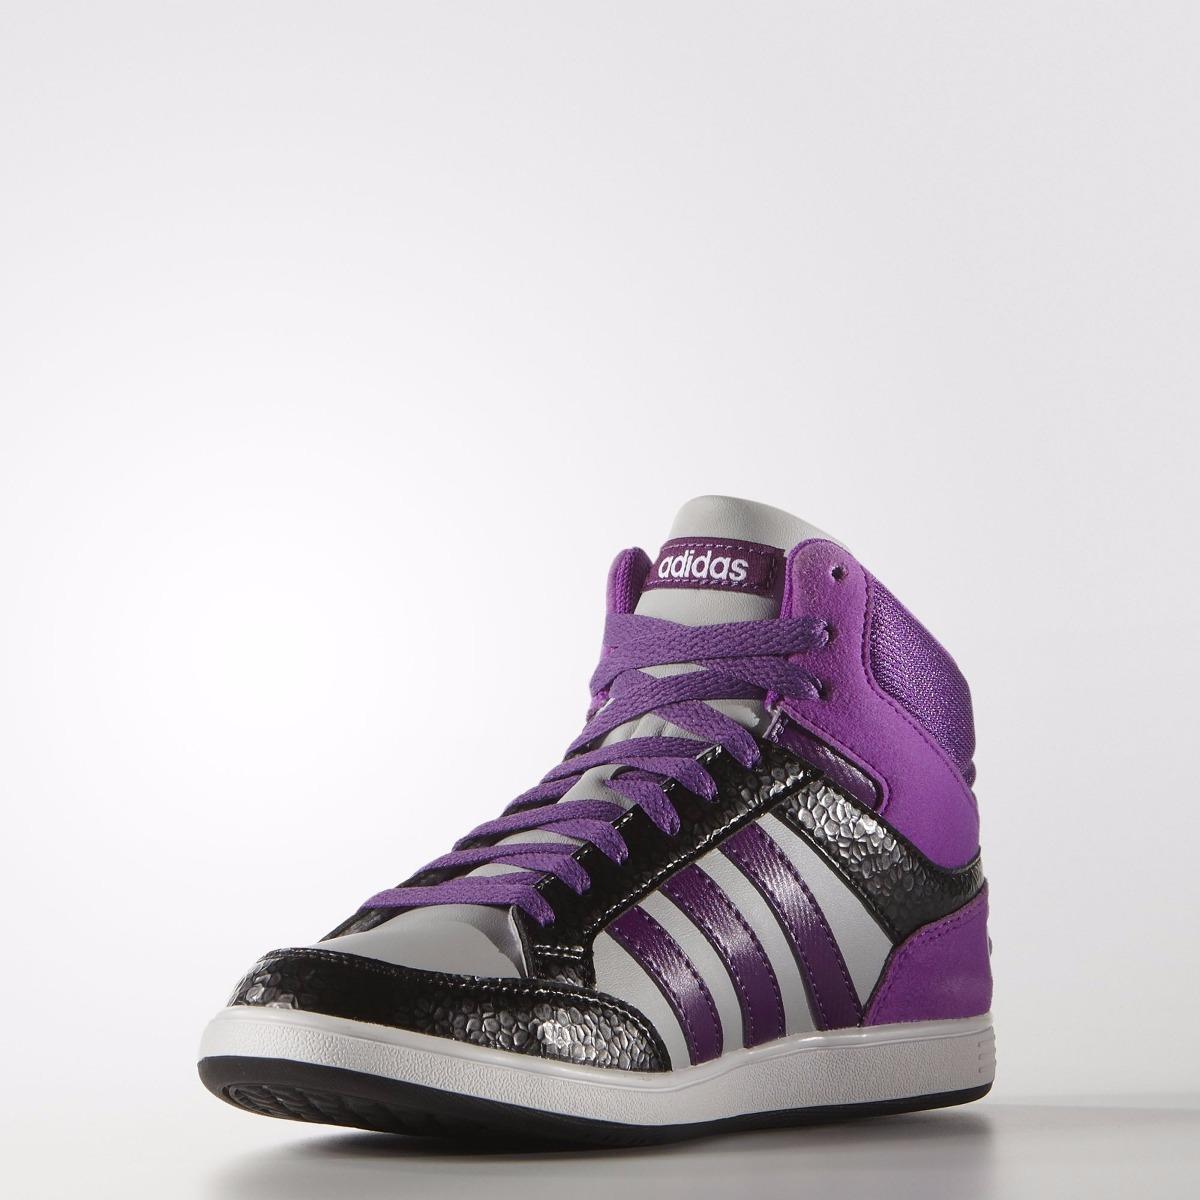 zapatillas adidas grises con violeta